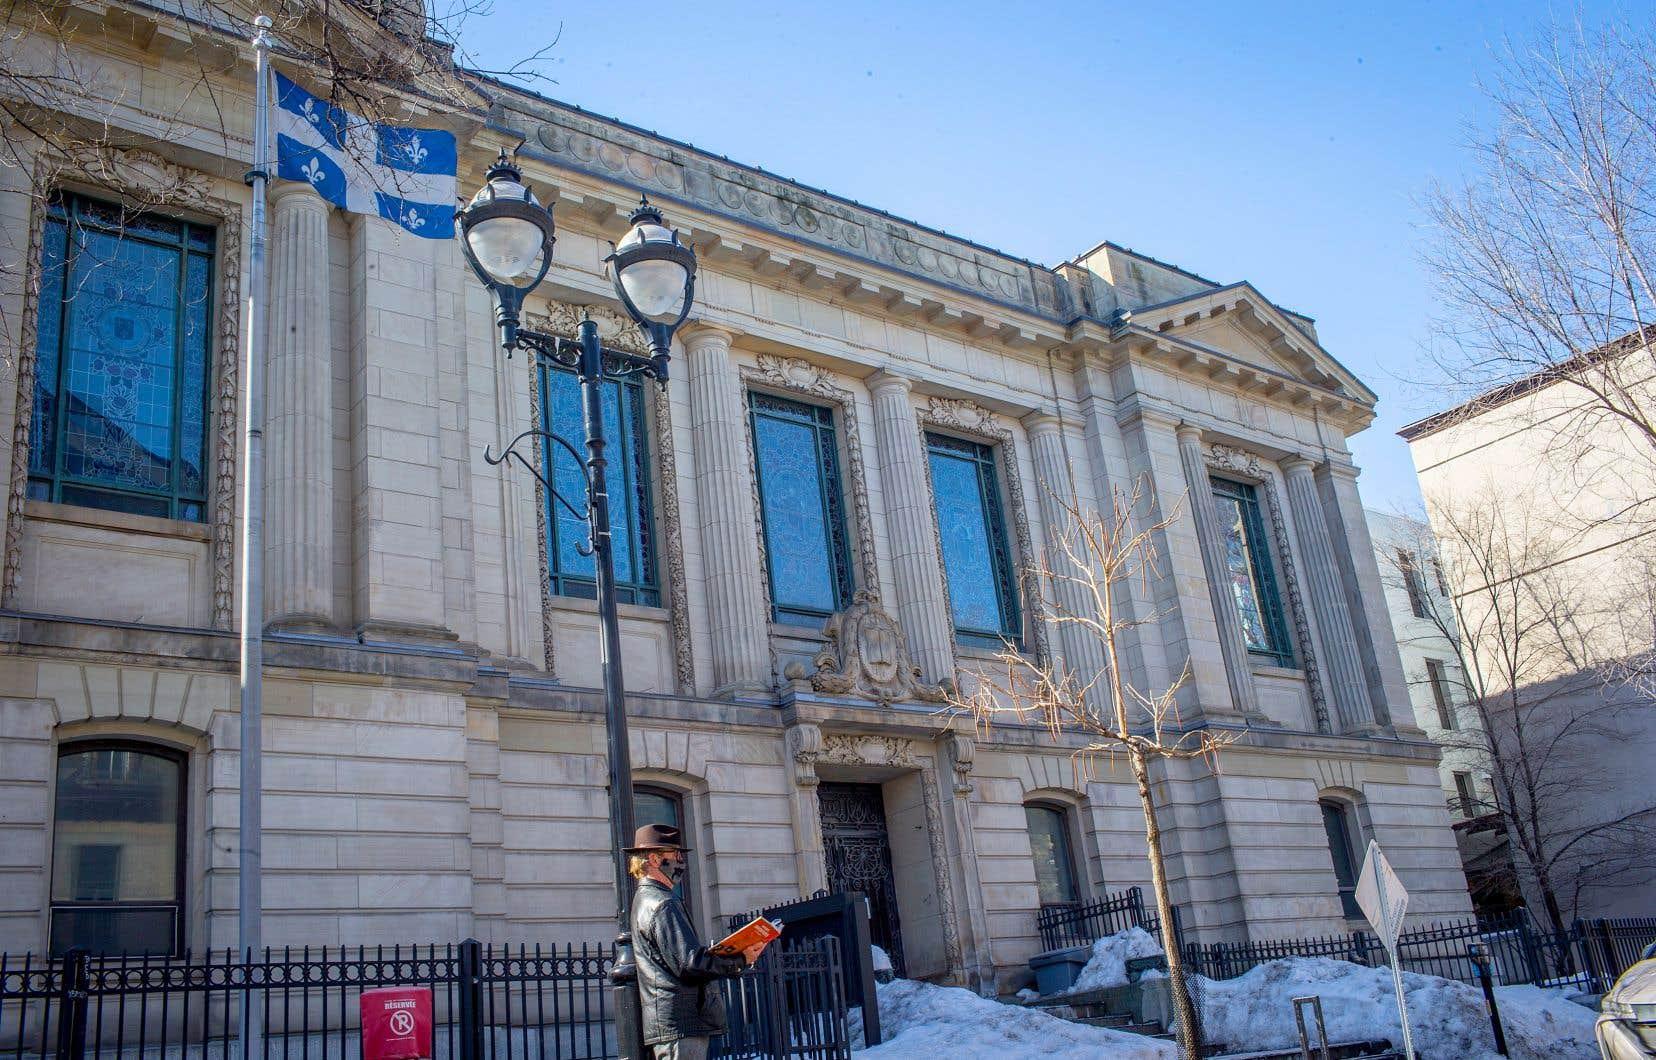 Ce rapport d'état de l'immeuble effectué au début du mois révèle l'urgence des travaux à faire sur ce bâtiment, classé monument historique en 1988. La démolition sélective et le toit sont les deux grandes priorités, réclamant des travaux de 344 087$ et de 170 538$ respectivement.